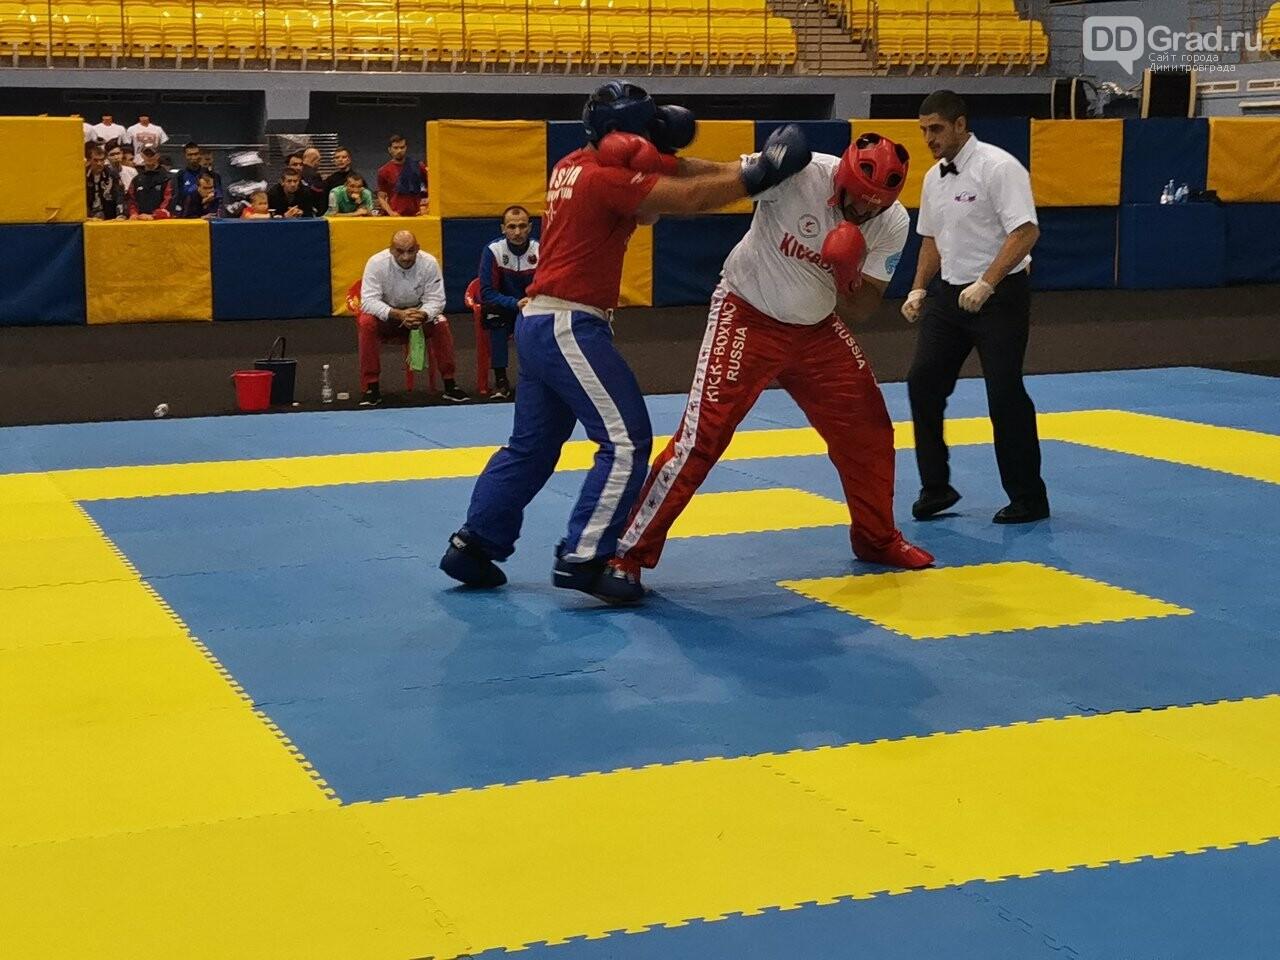 В Ульяновске проходит чемпионат России по кикбоксингу, фото-1